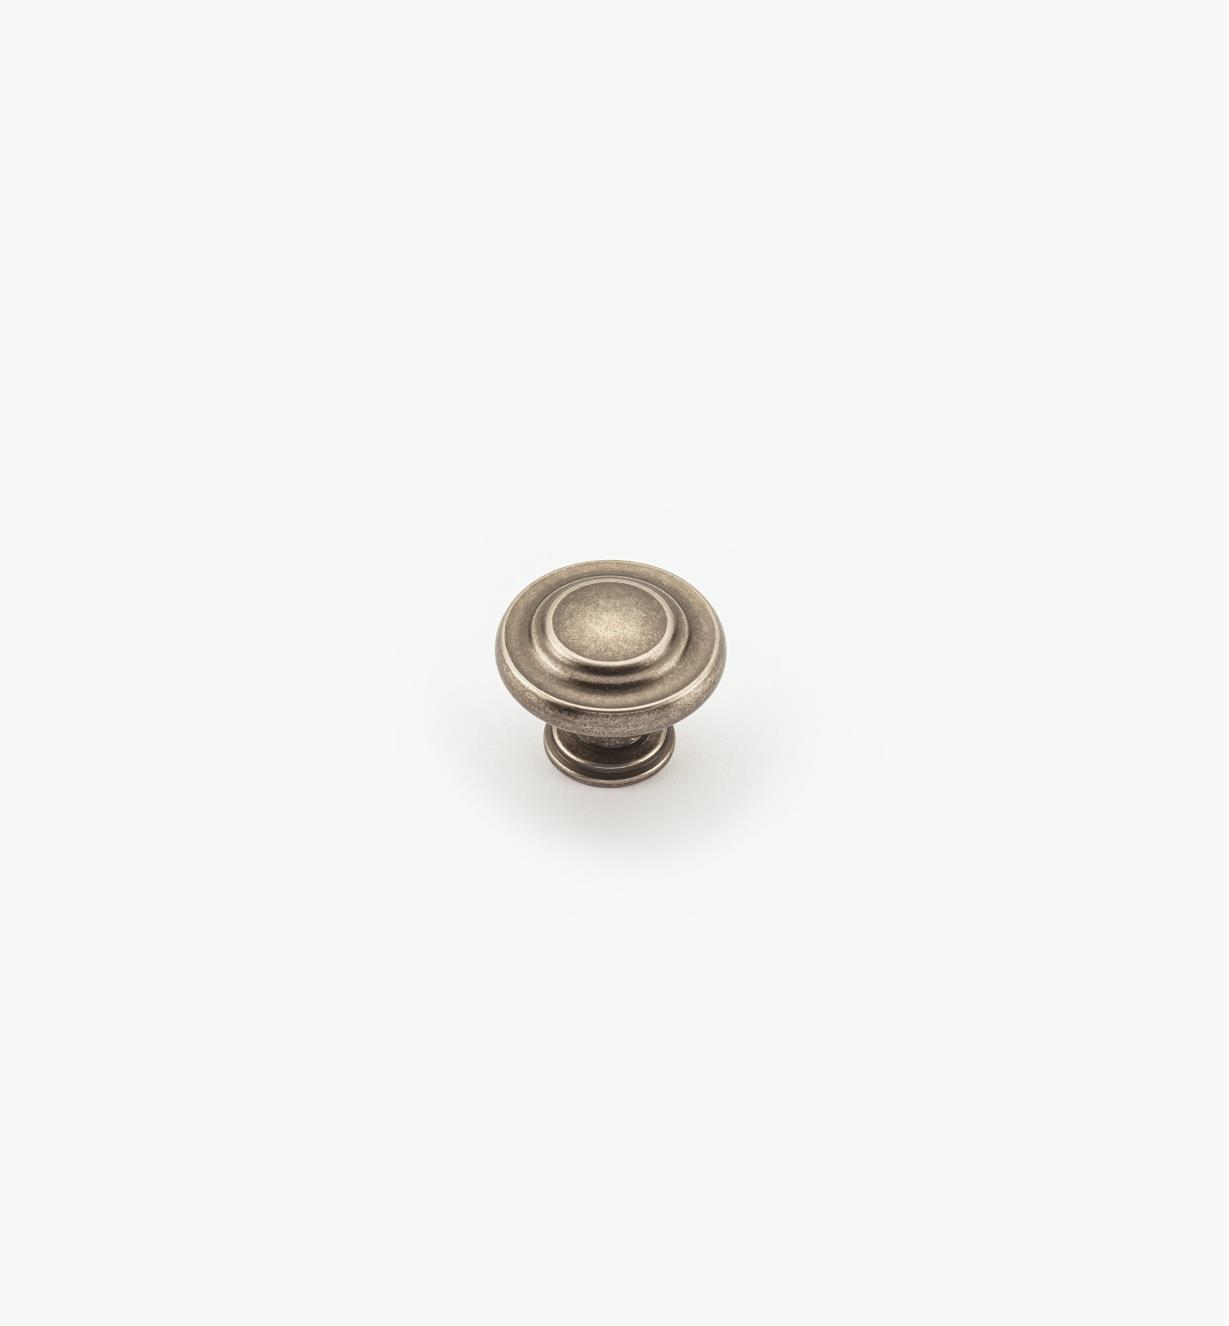 """02A0715 - 1 5/16"""" Twist Ring Knob"""